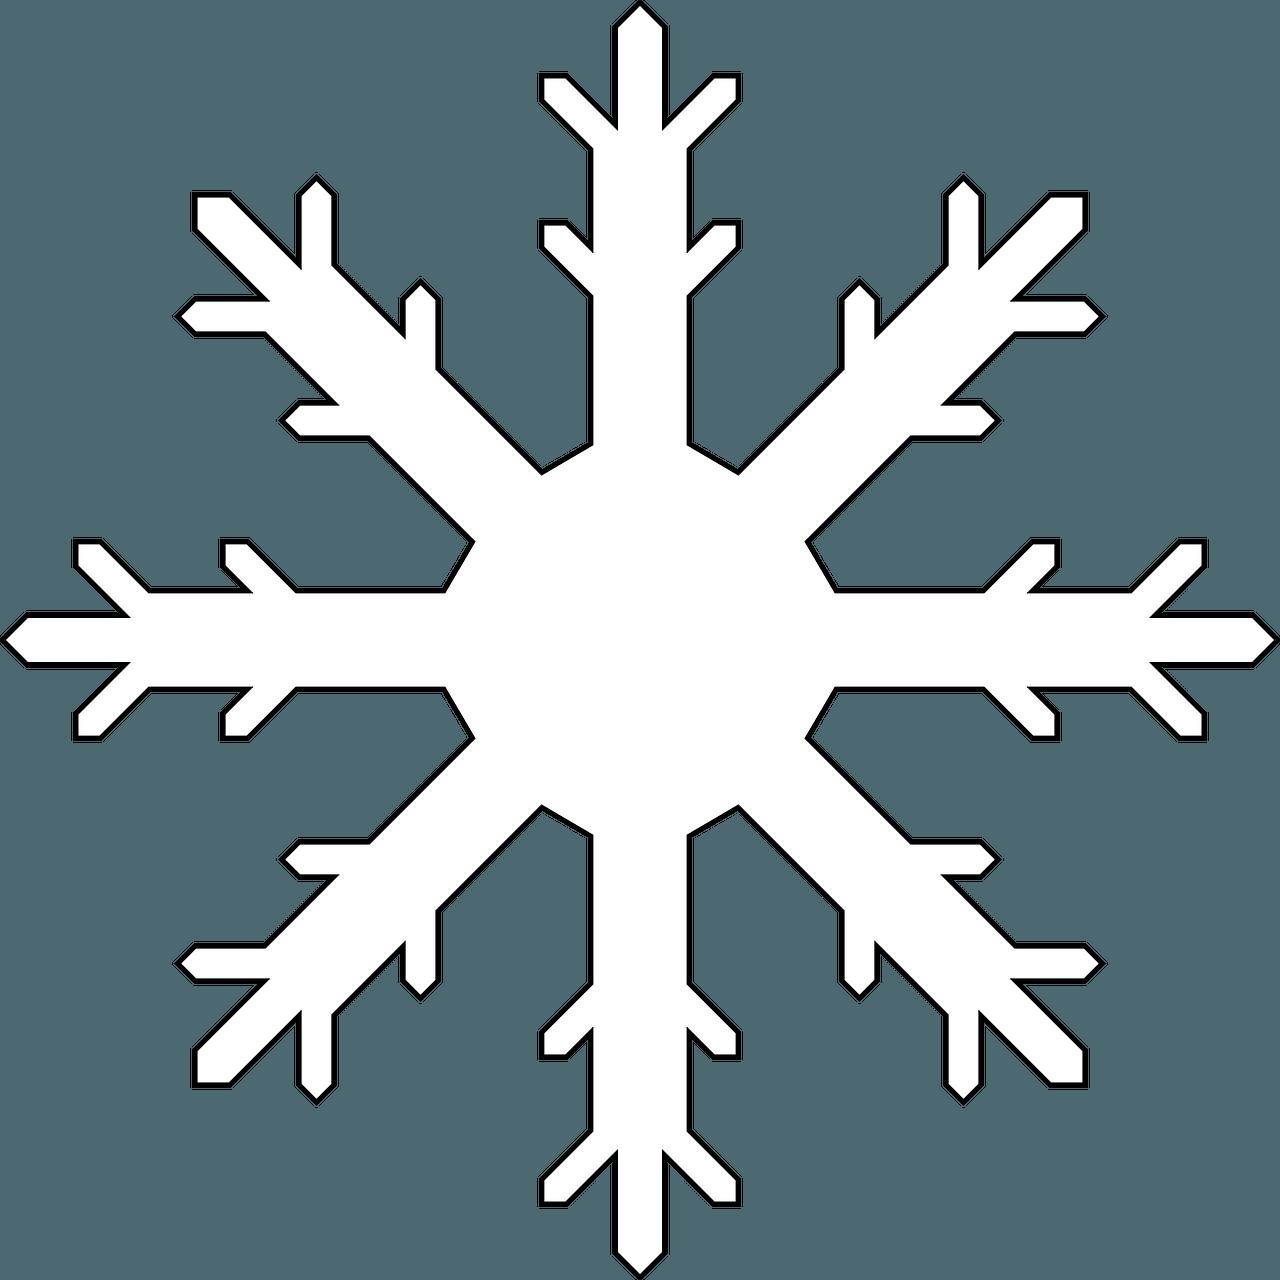 Snowflake Winter Snow Christmas Holiday Xmas.